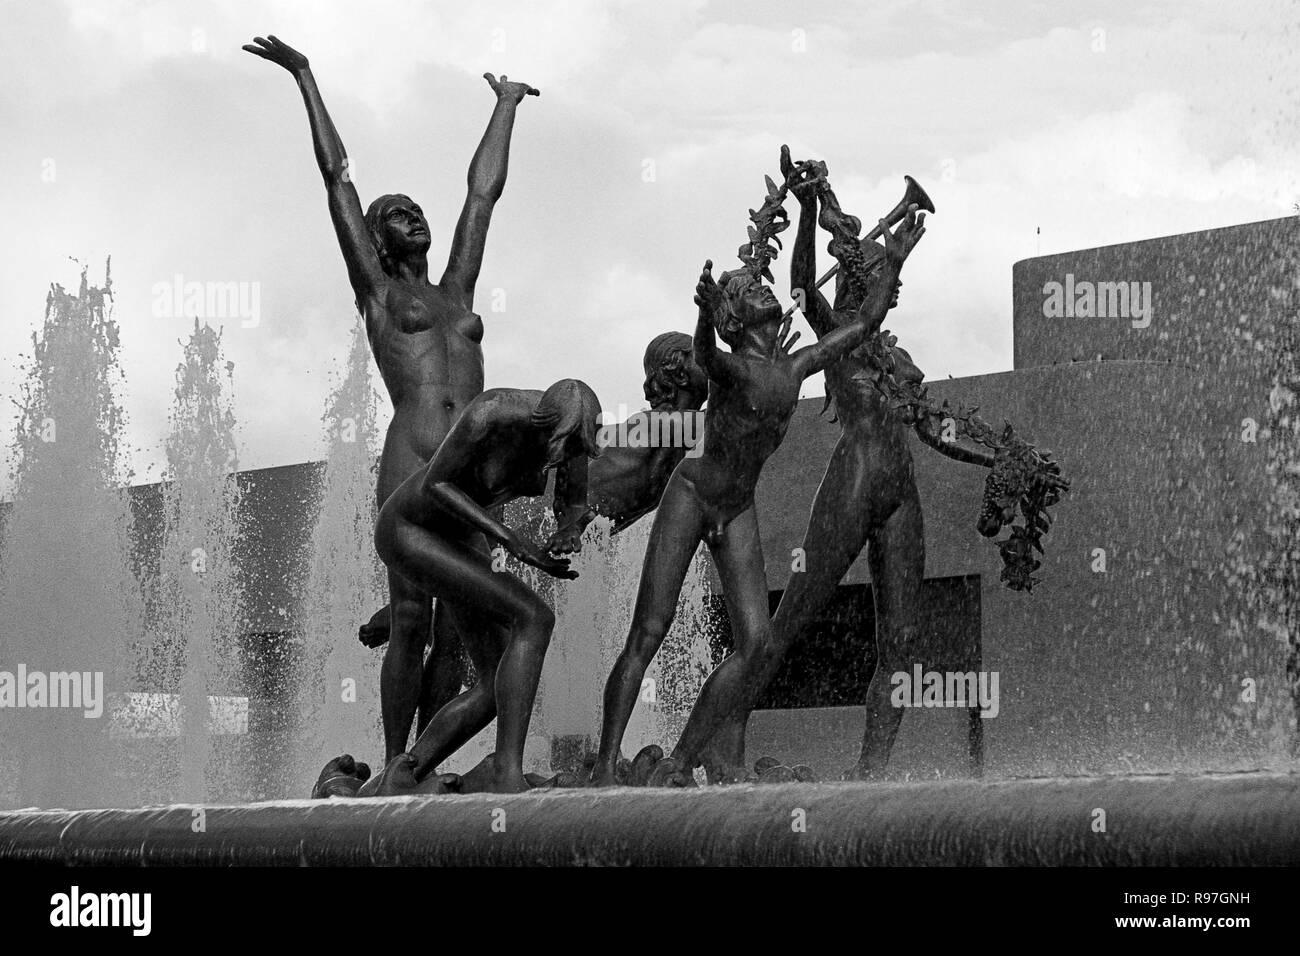 MONTERREY, NL/MEXICO - NOV 10, 2003: Neptuno fountain at the Macroplaza Stock Photo